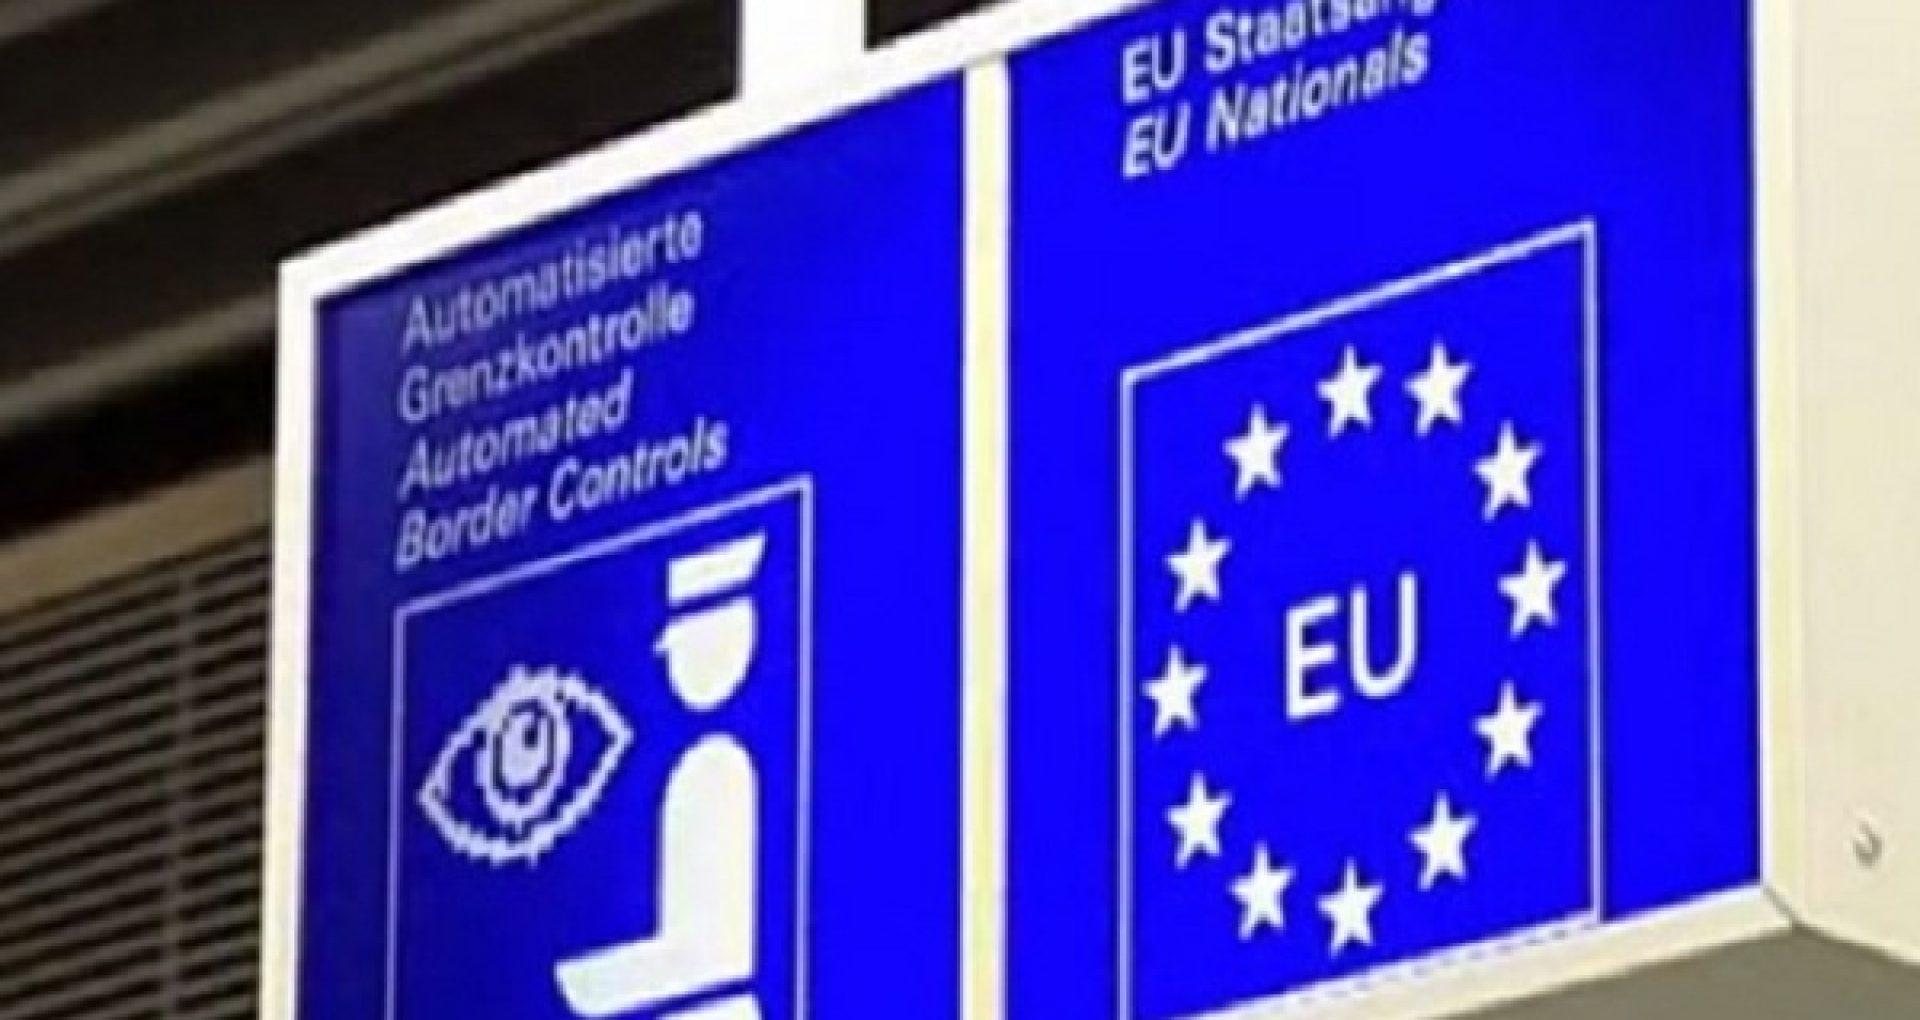 Bulgaria închide granițele pentru cetățenii din afara UE începând cu 1 decembrie: R. Moldova, printre țările exceptate de la restricția de călătorie